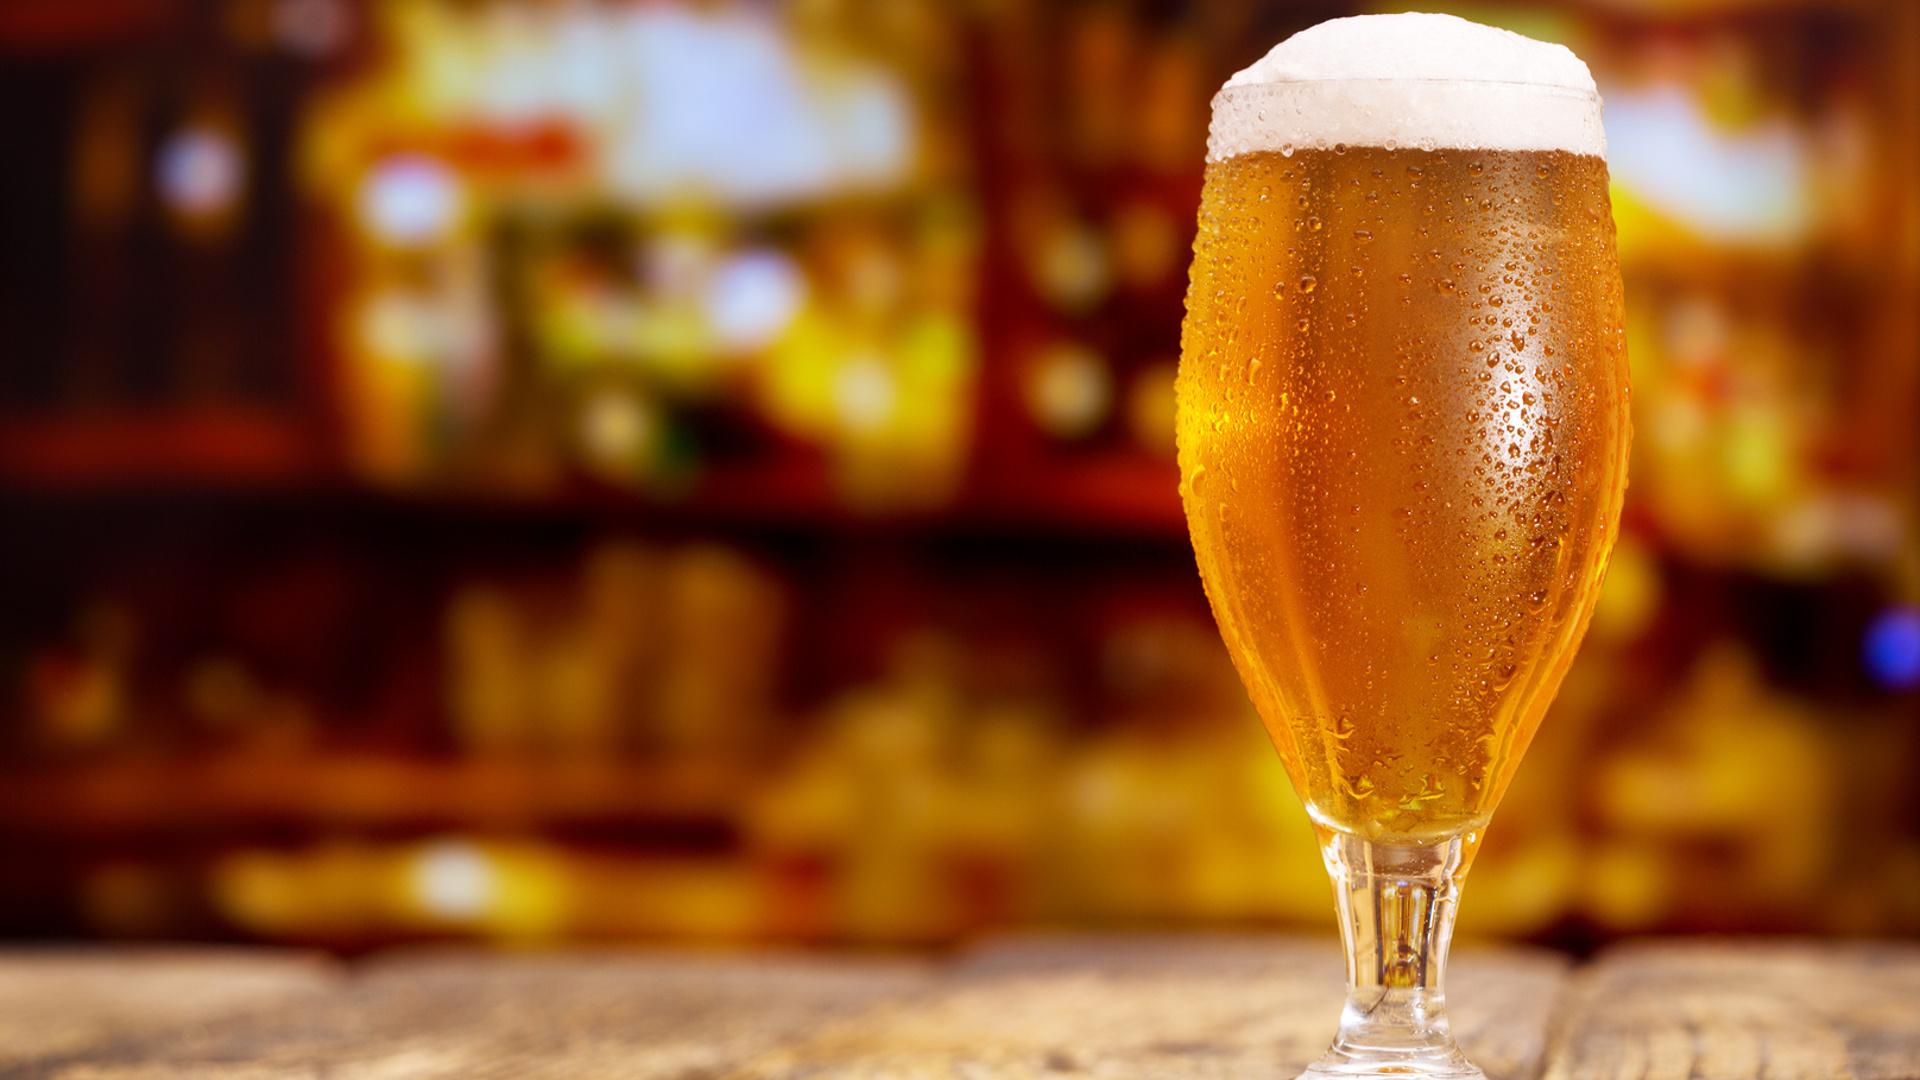 beber-cervez-de-forma-regular-y-moderada-para-prevenir-el-envejecimiento-1920